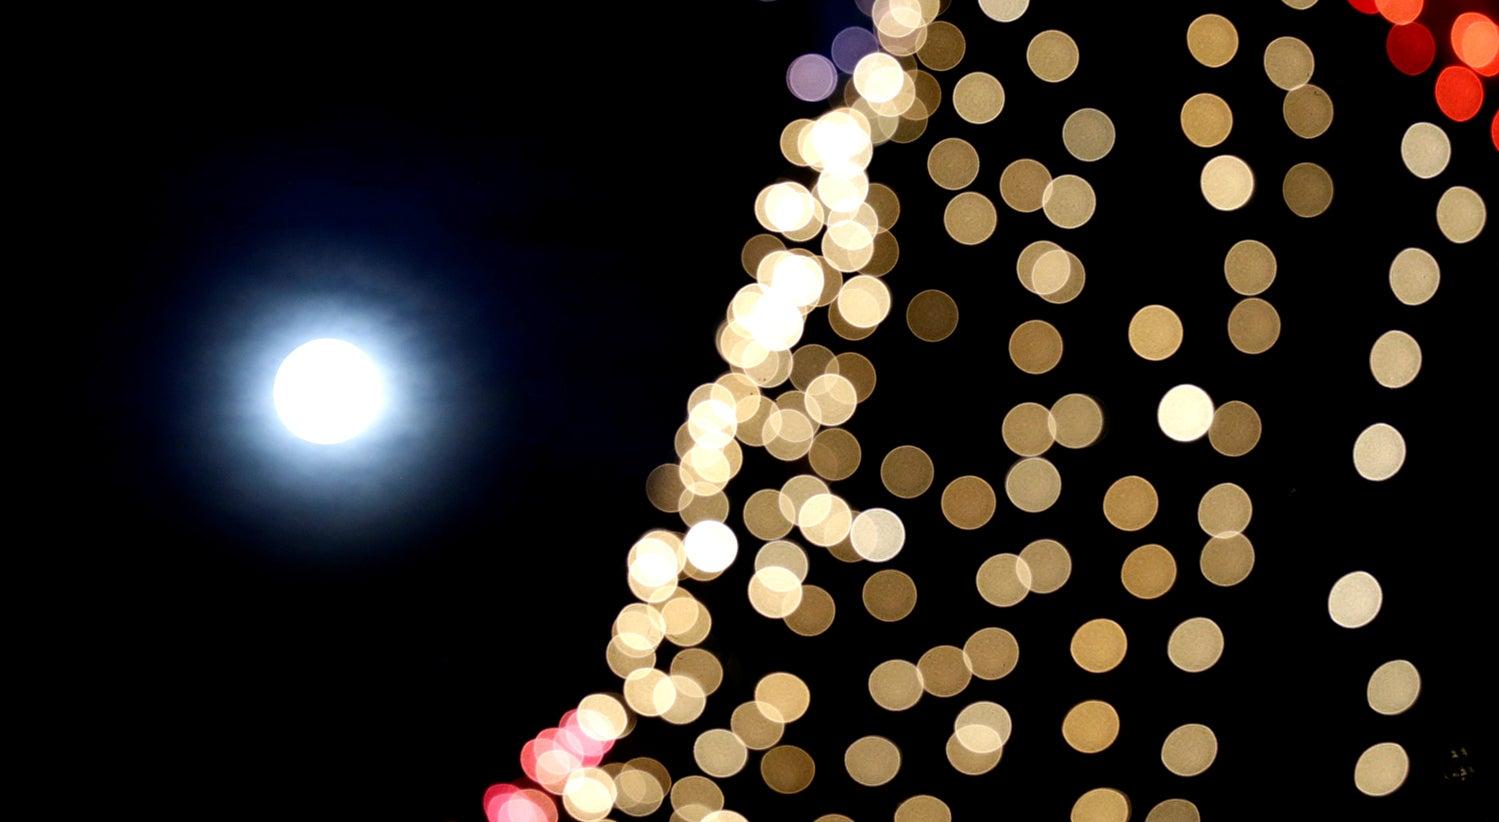 Natal em Gaia iluminado por 650 mil lâmpadas LED